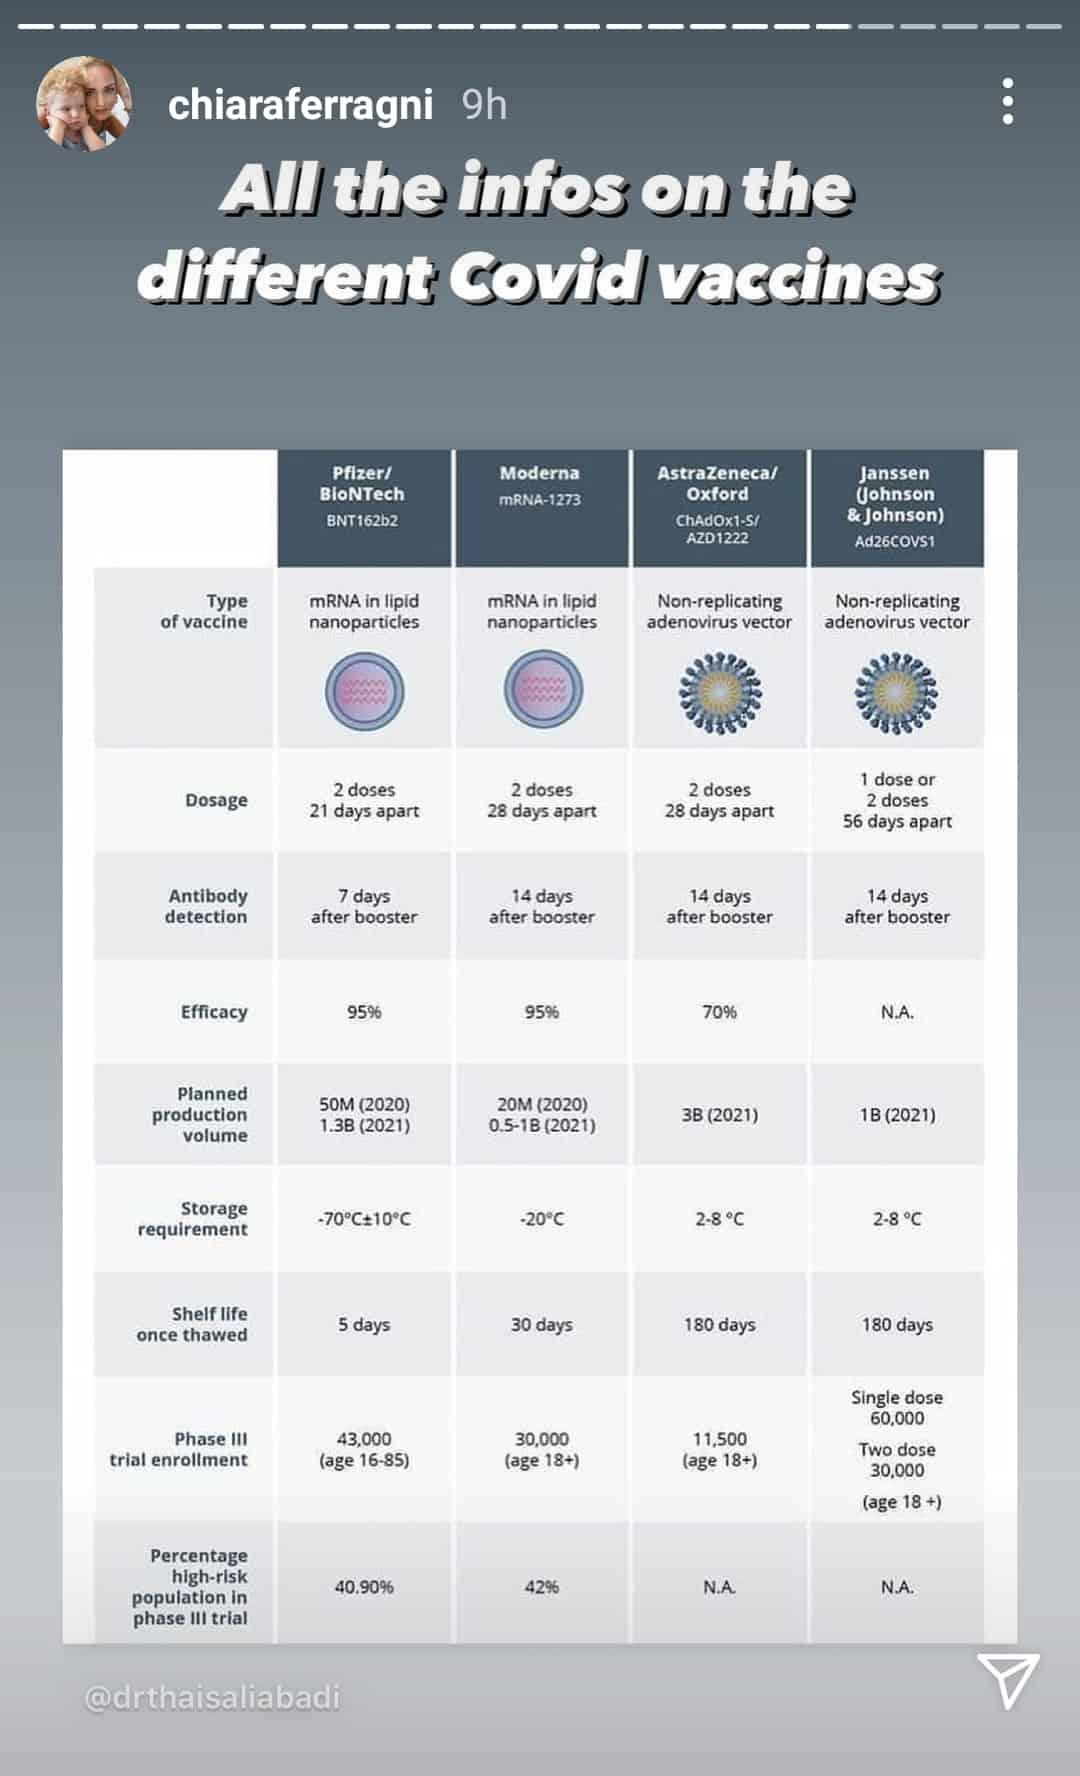 chiara ferragni vaccini